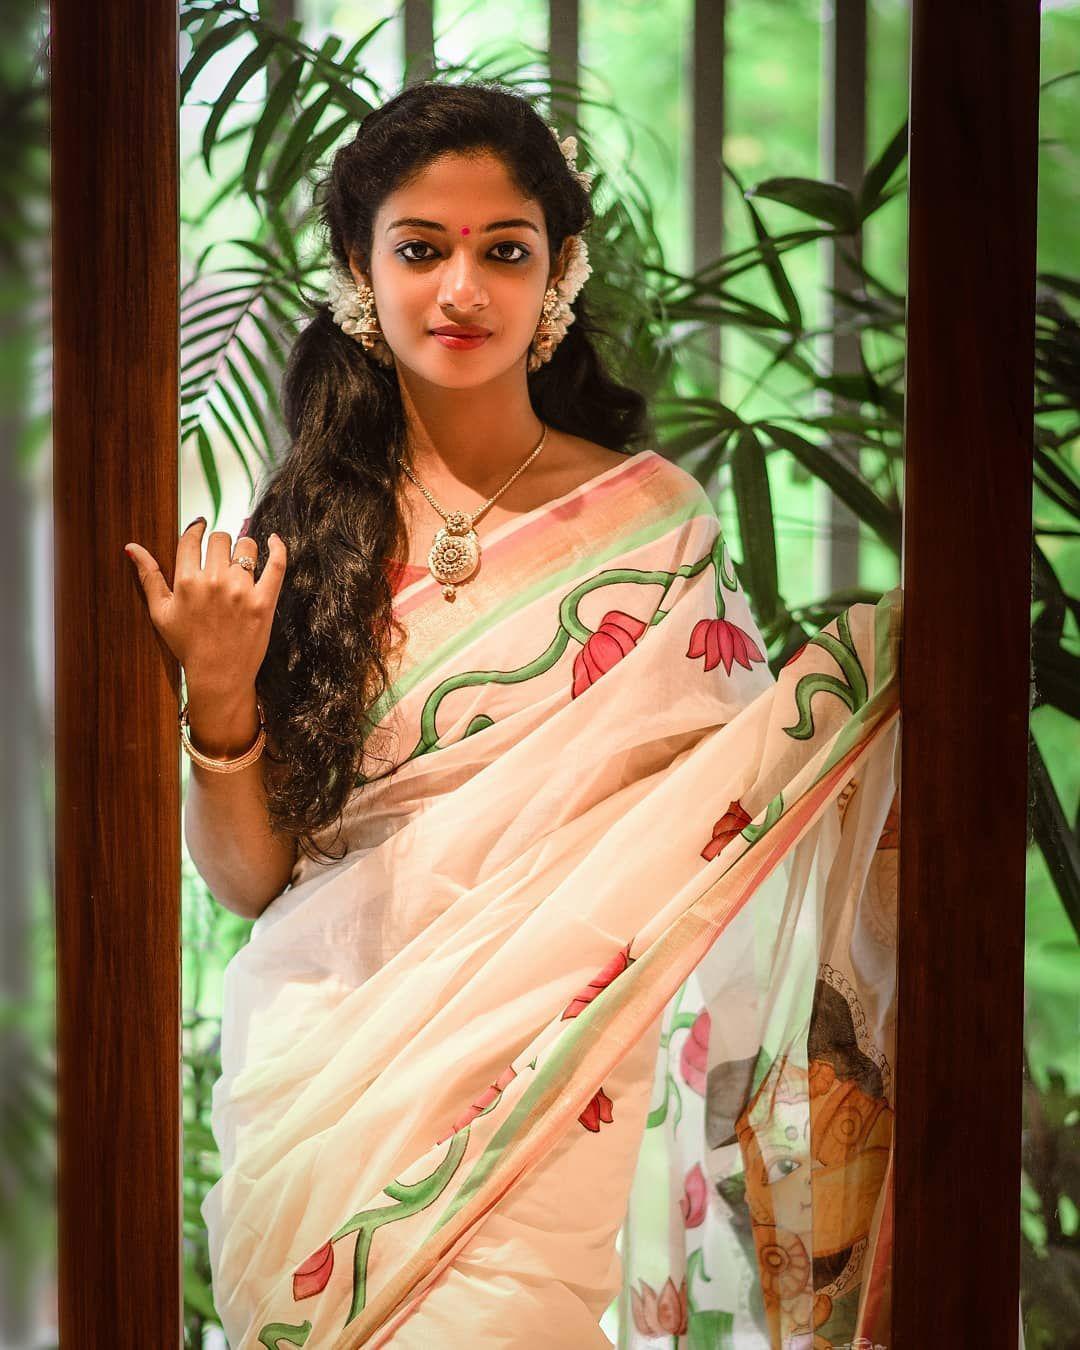 #shijithphotography #myclick #traditional #saree #kerala